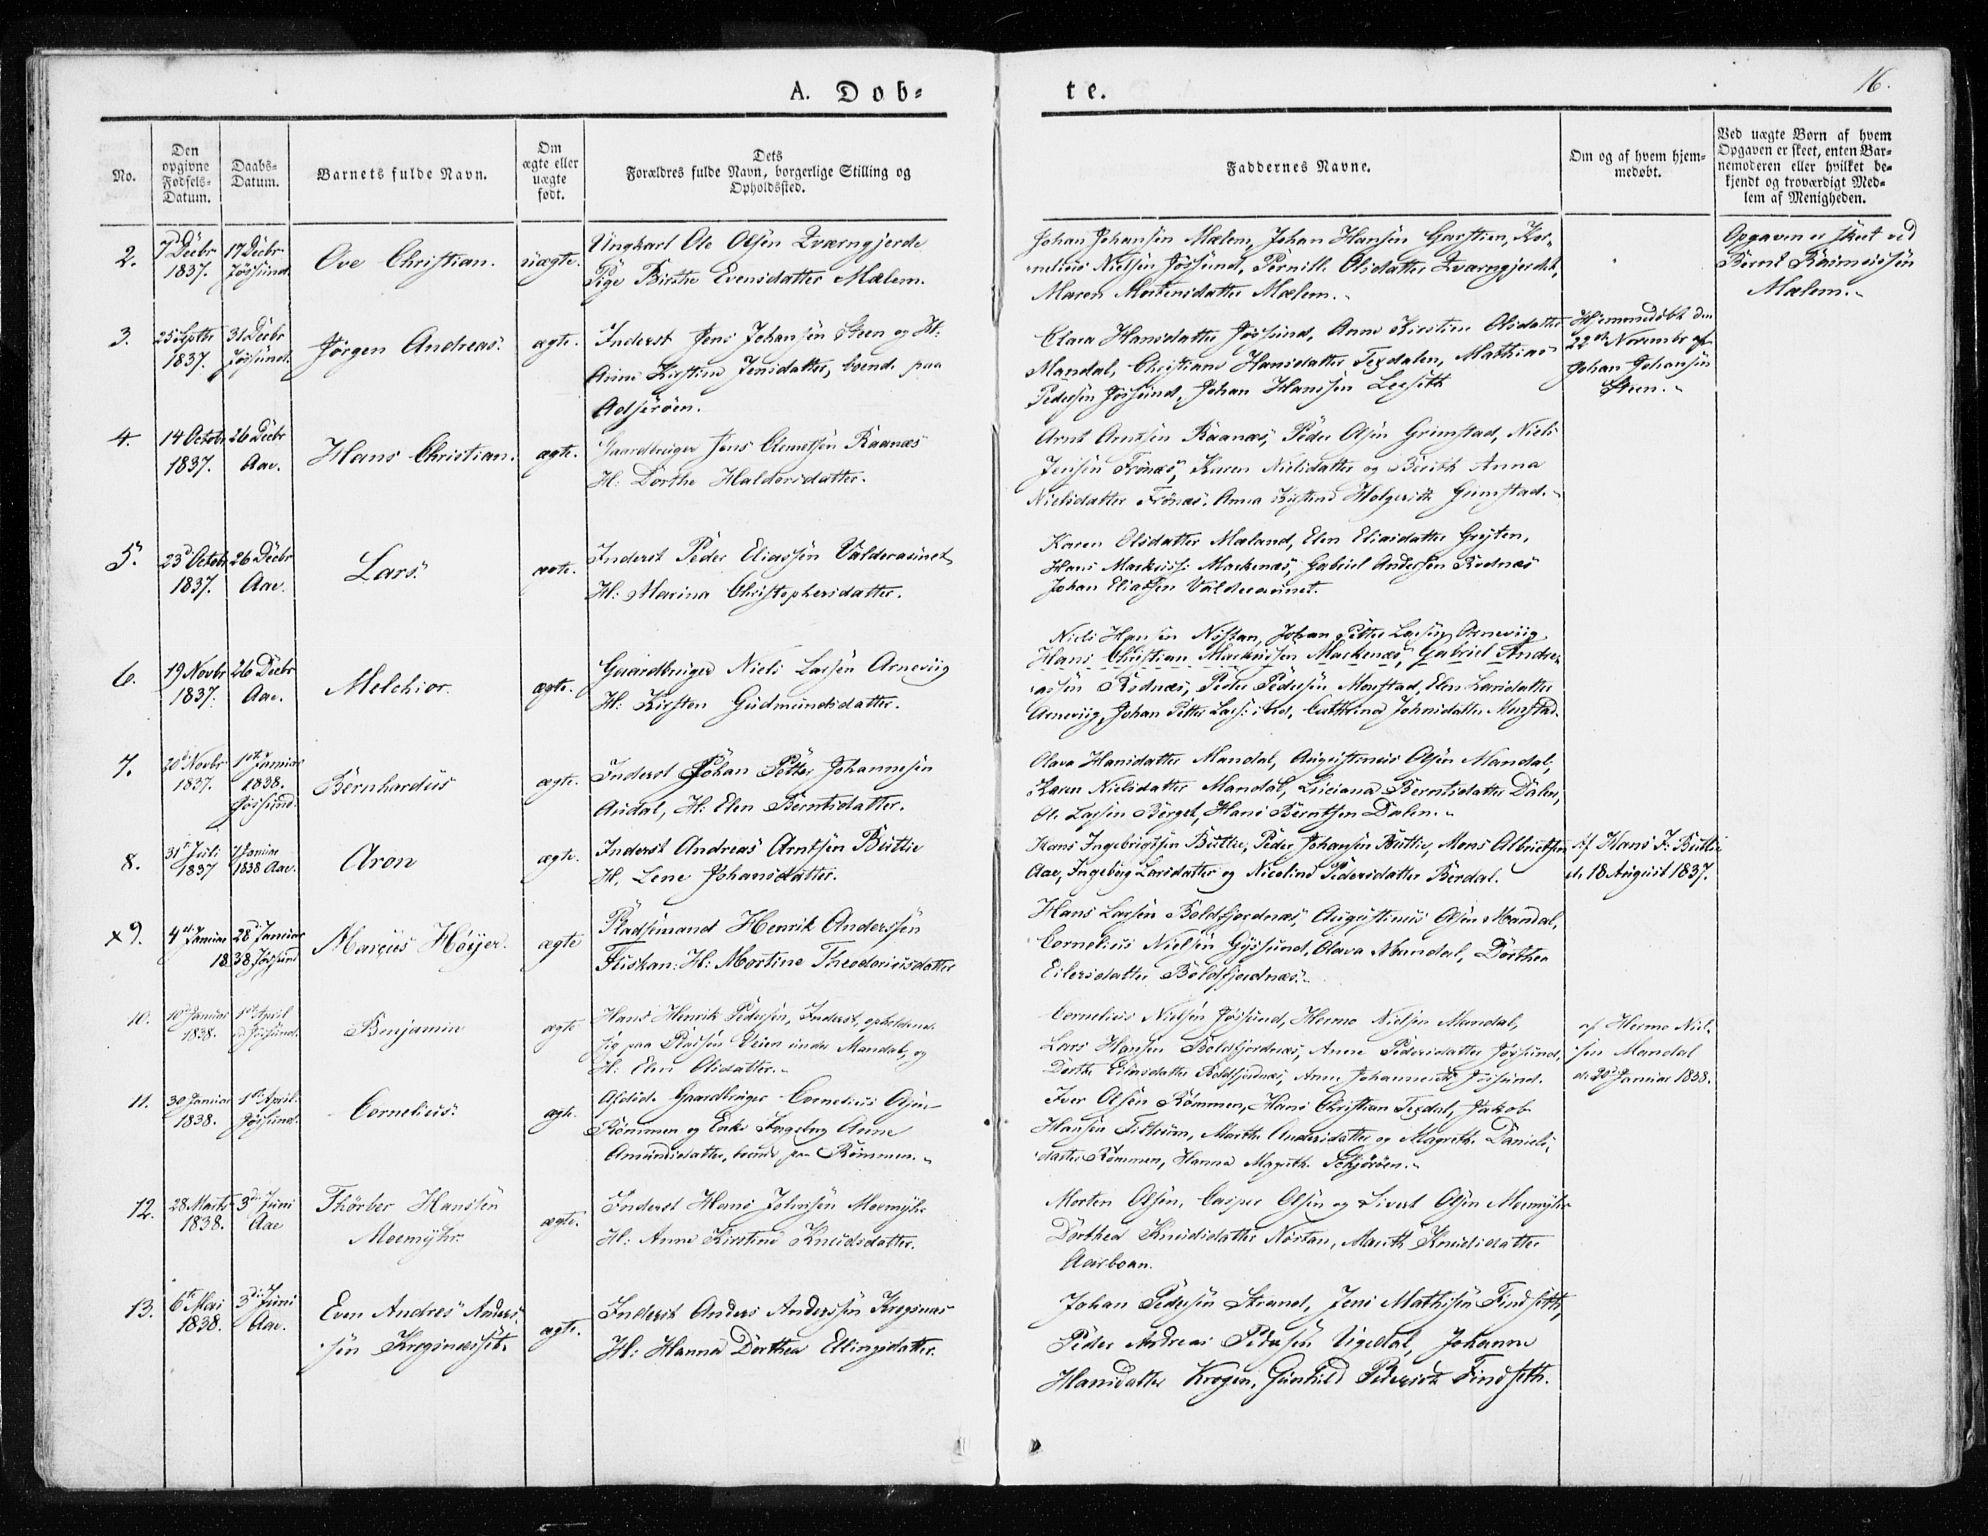 SAT, Ministerialprotokoller, klokkerbøker og fødselsregistre - Sør-Trøndelag, 655/L0676: Ministerialbok nr. 655A05, 1830-1847, s. 16